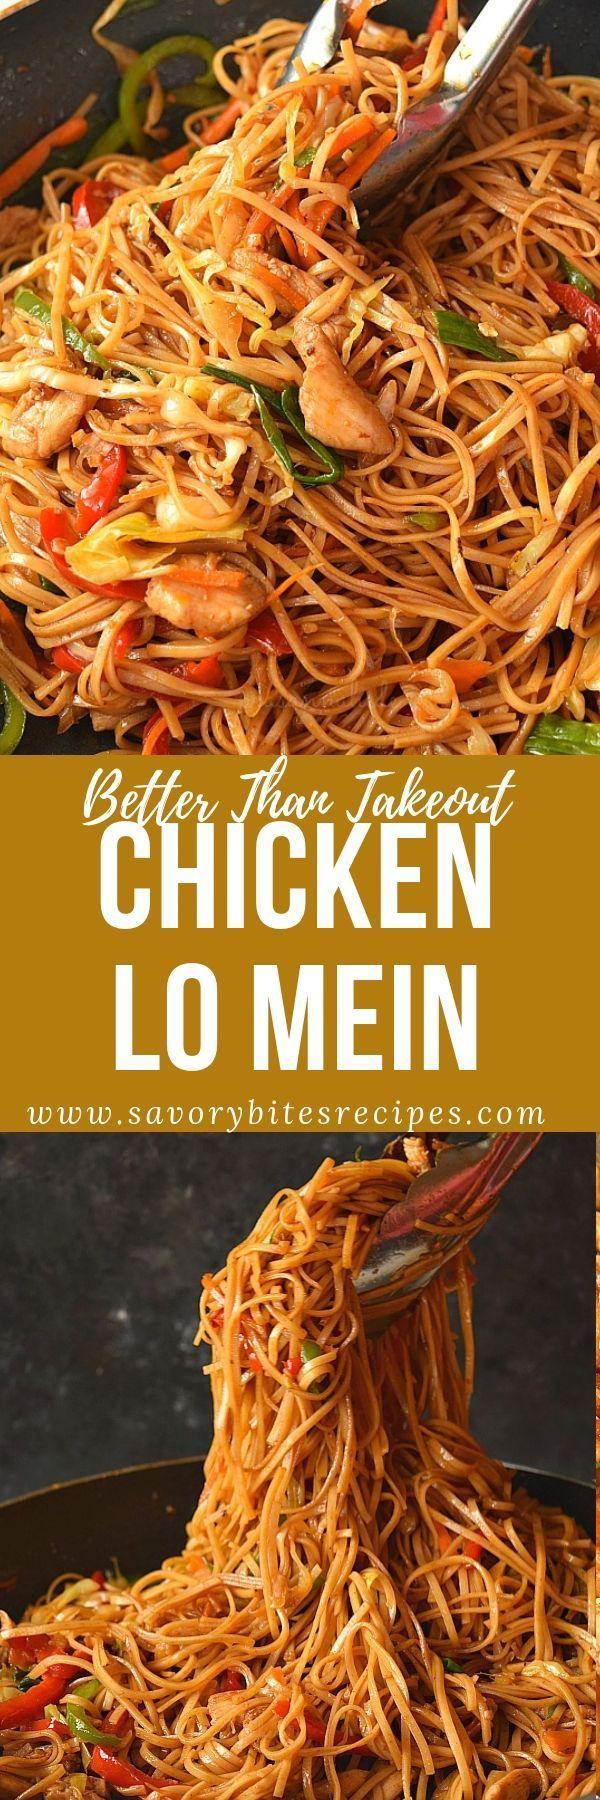 The 30-Minute Ultimate Chicken Lo Mein Recipe